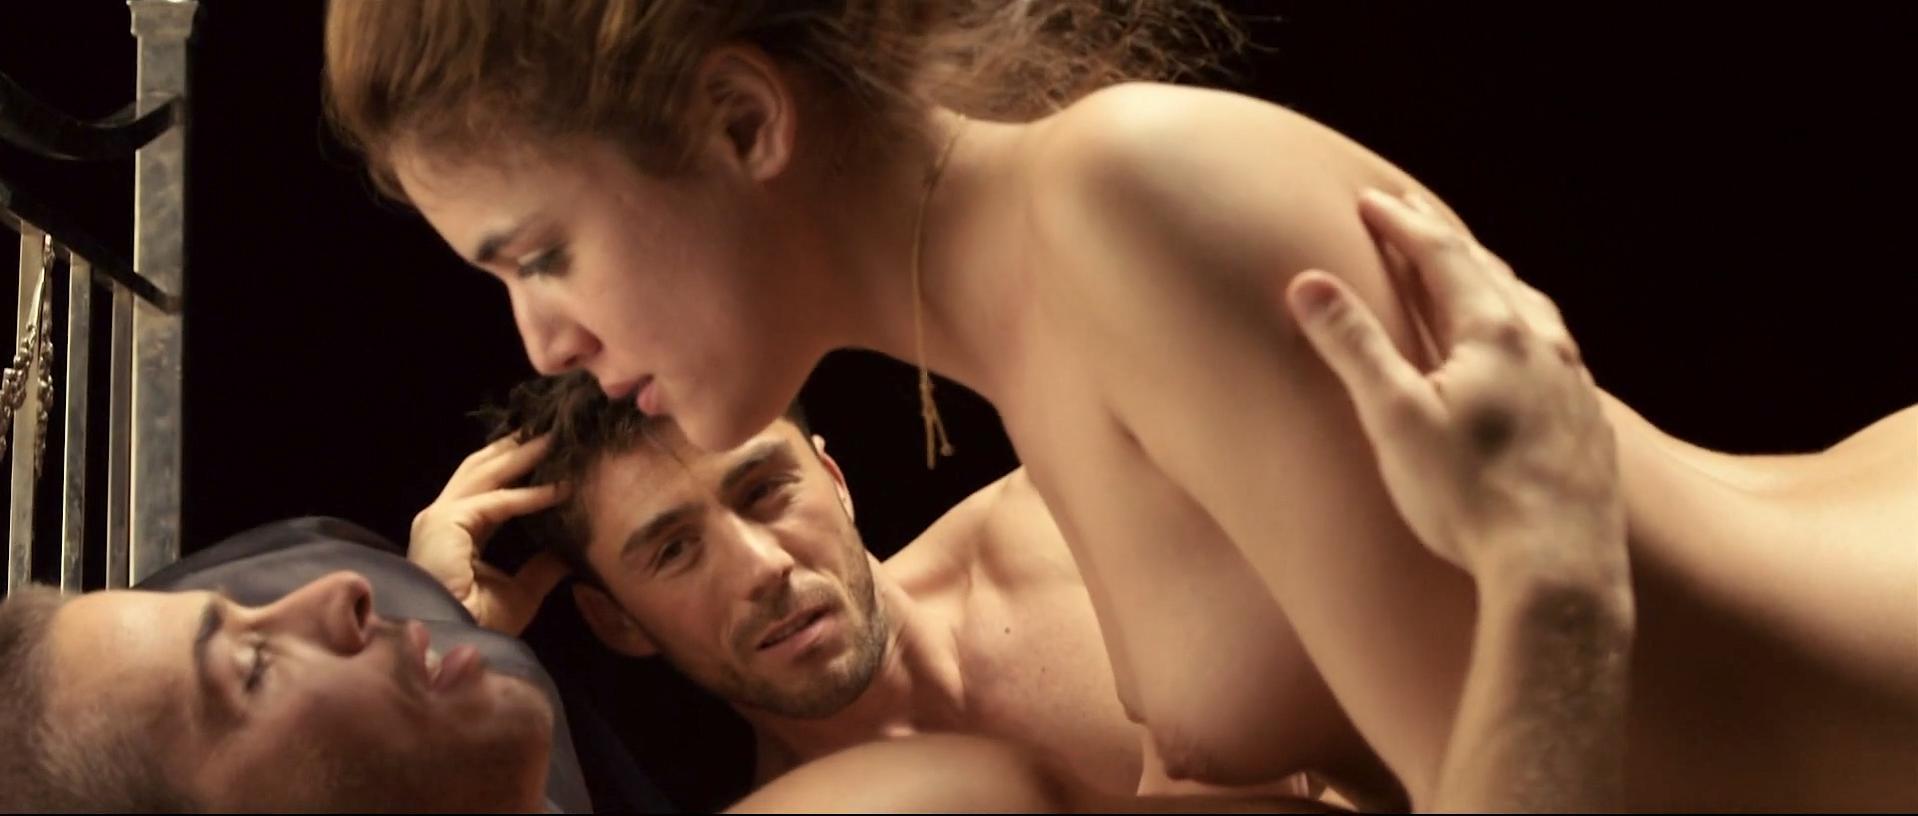 фильмы про секс и страсть даже сперва